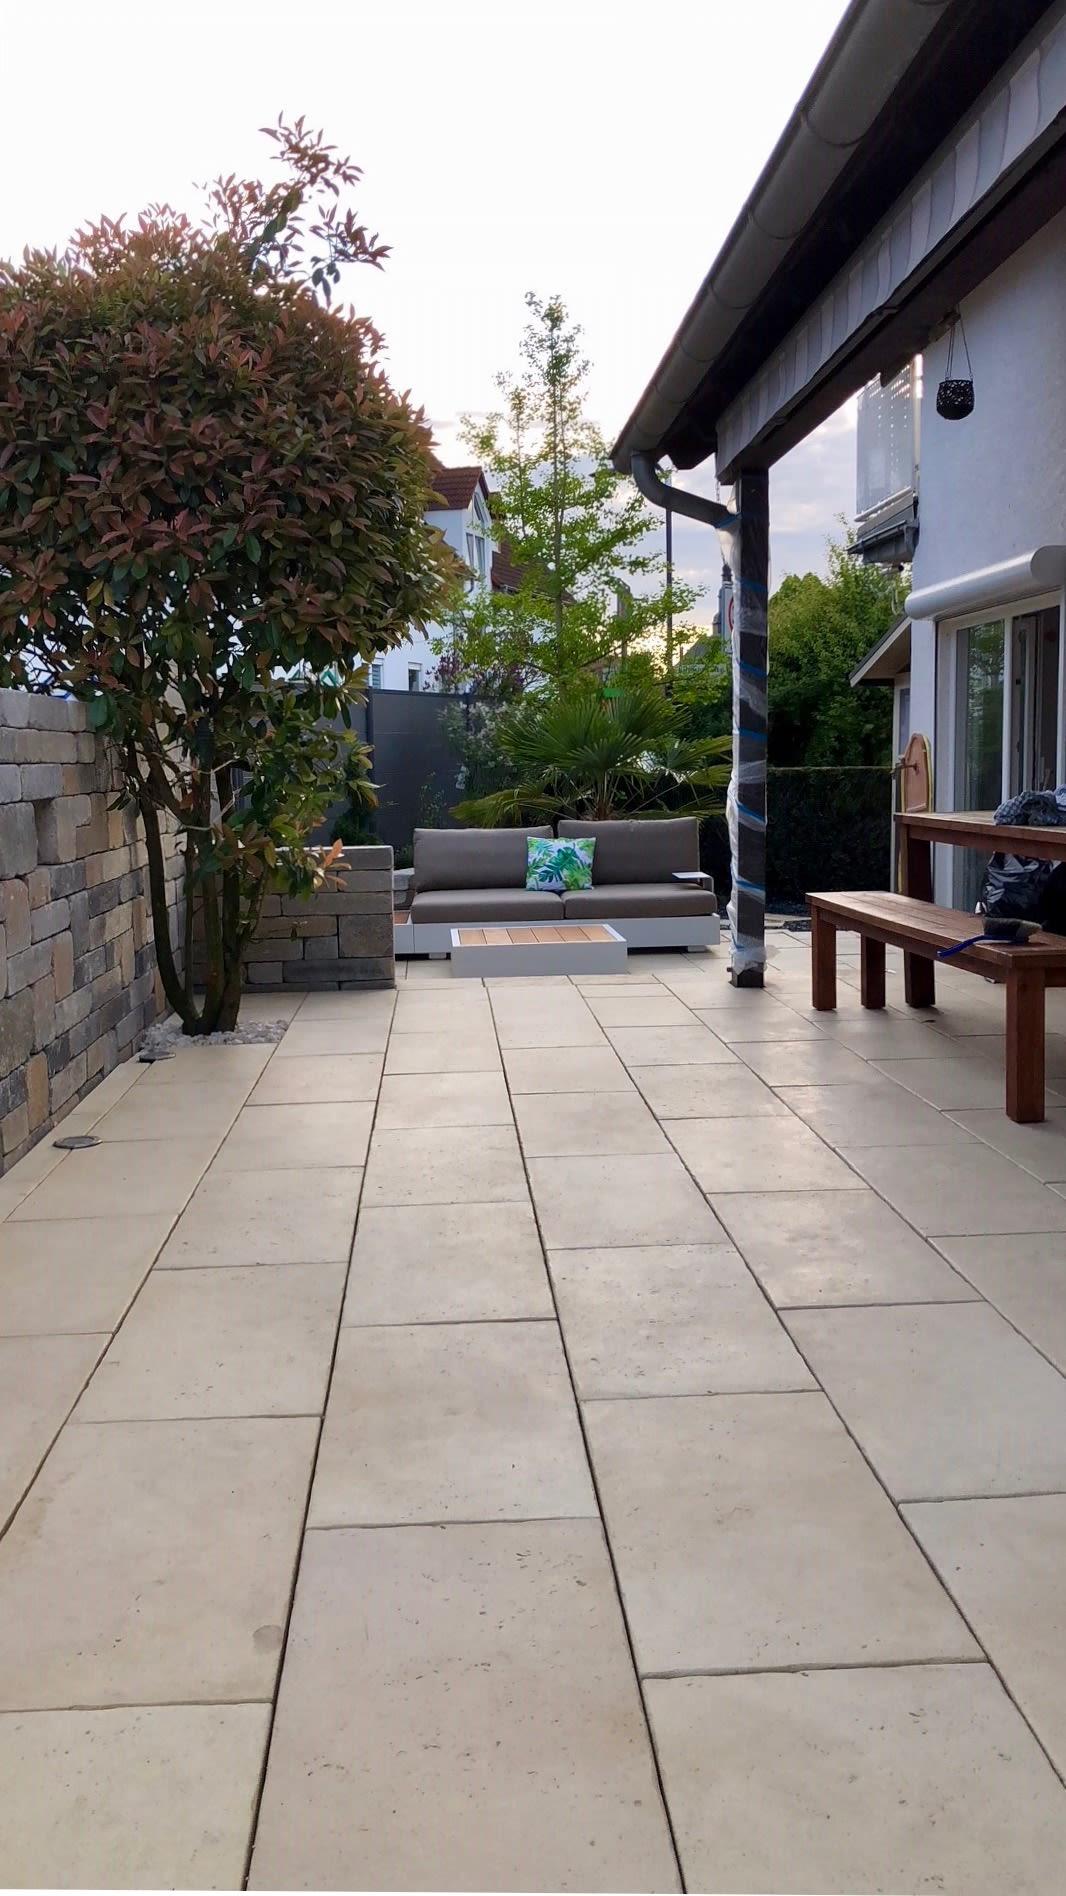 Terrasse mit Steinplatten und Holzsitzecke